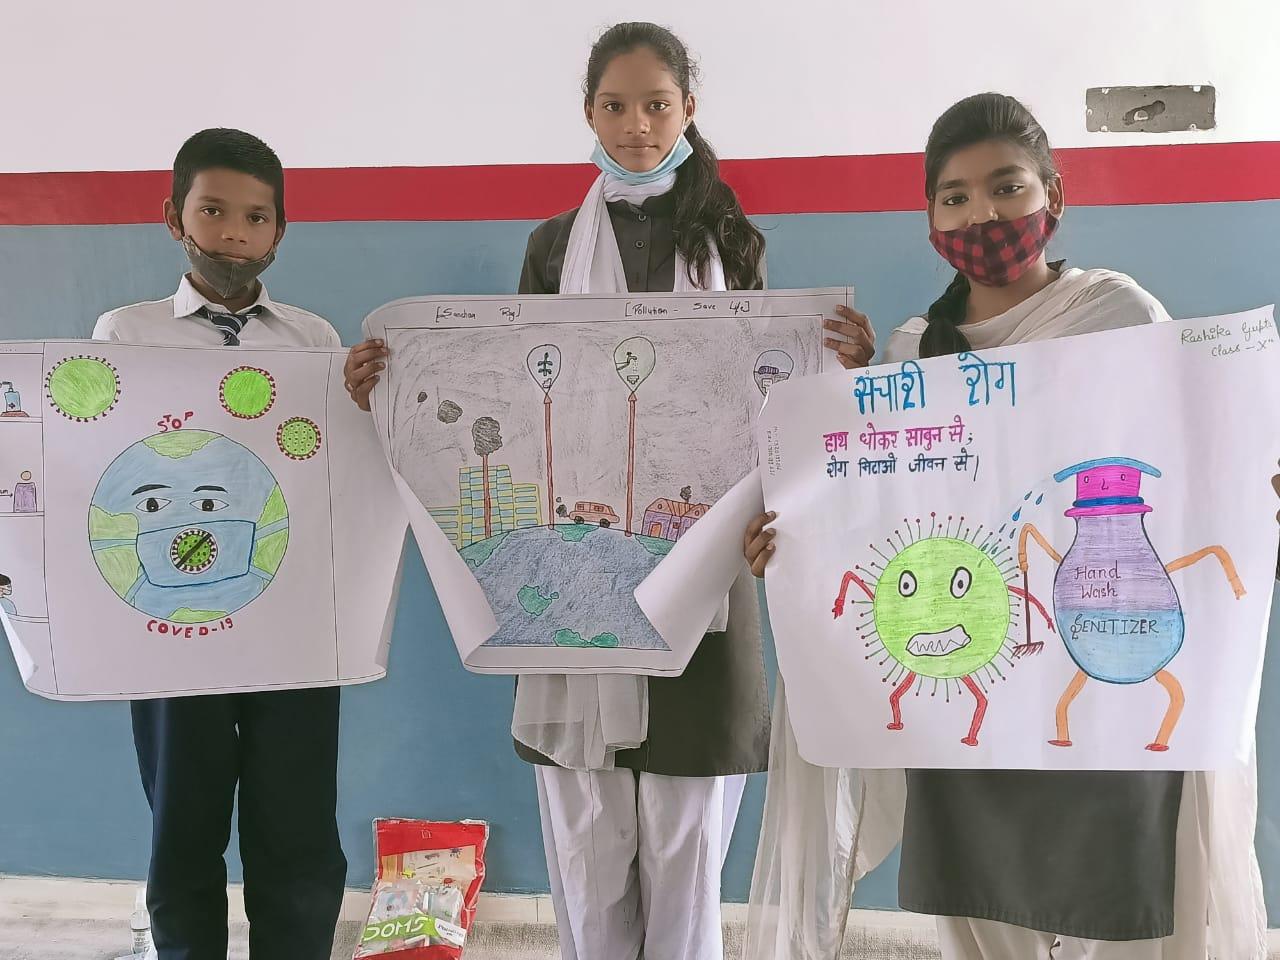 लखनऊ : स.शि.वि.मं. मॉडल हाउस में संचारी रोग जागरूकता अभियान के अन्तर्गत विभिन्न प्रतियोगिताओं का  किया गया आयोजन